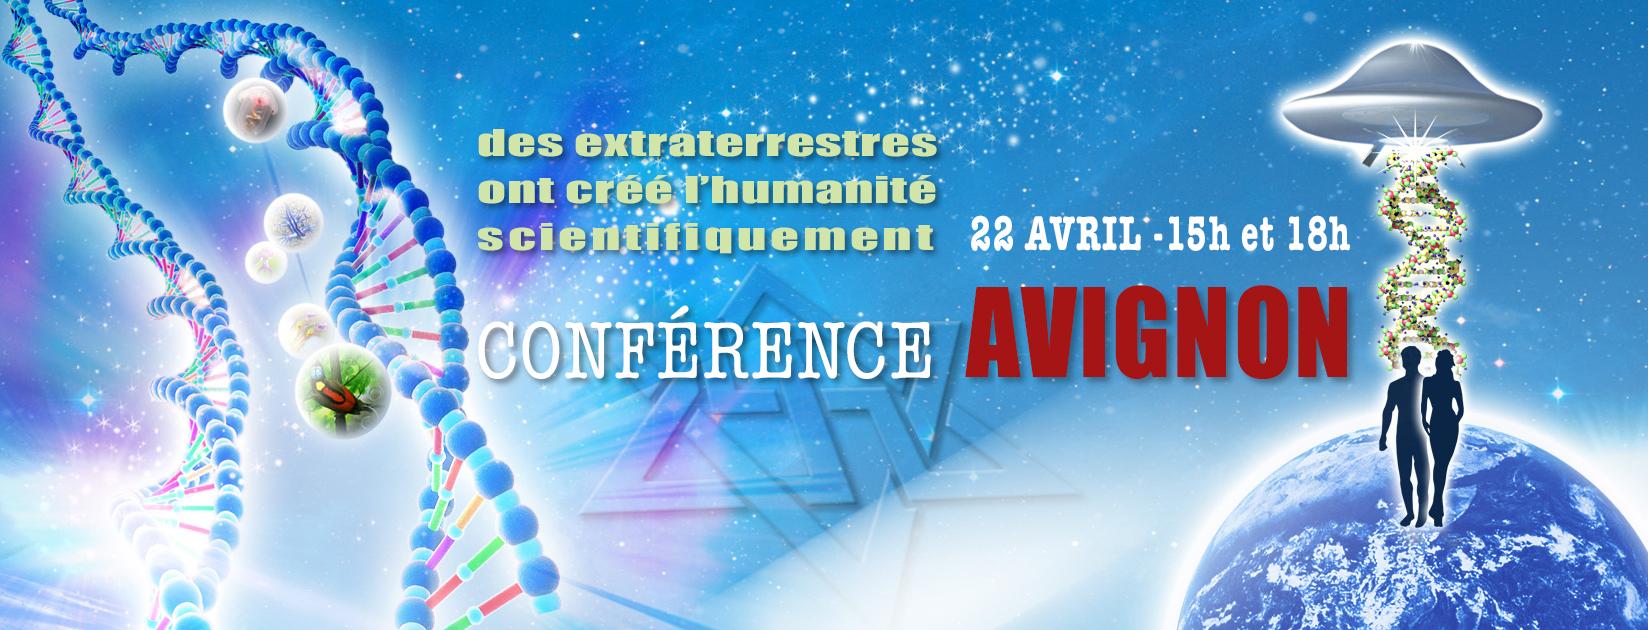 conference-raélienne-Avignon